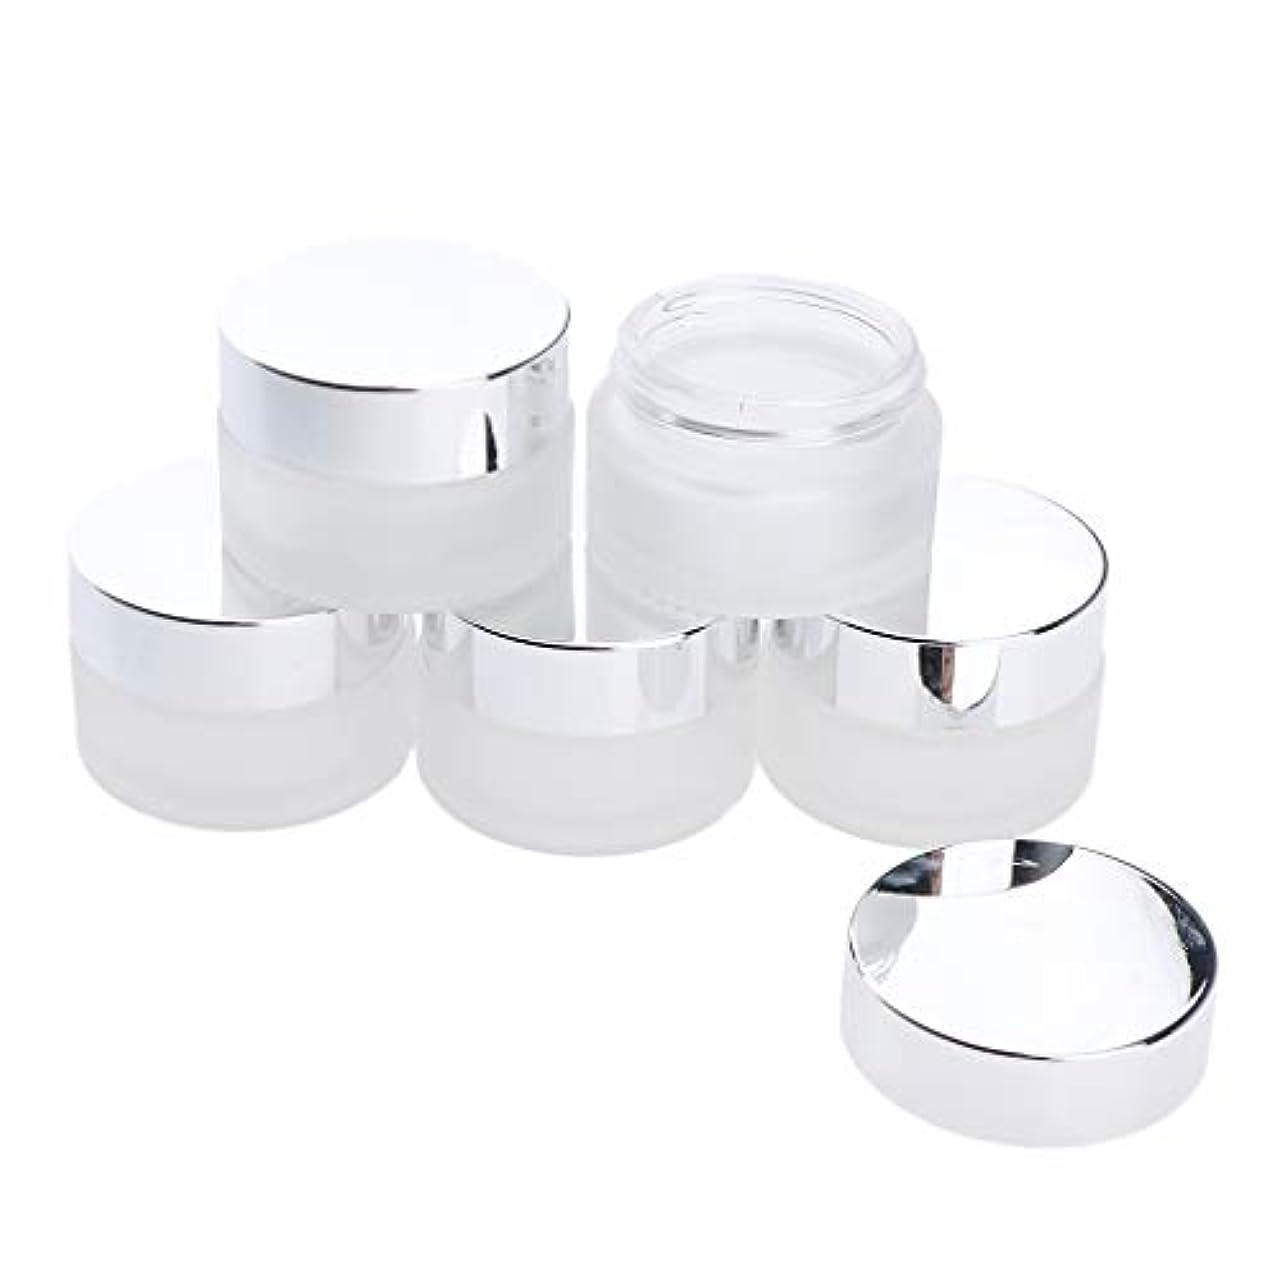 誘惑純度レルム5本 ガラス瓶 メイクアップ フェイスクリーム オイル DIY 小分け容器 2サイズ選べ - 20g